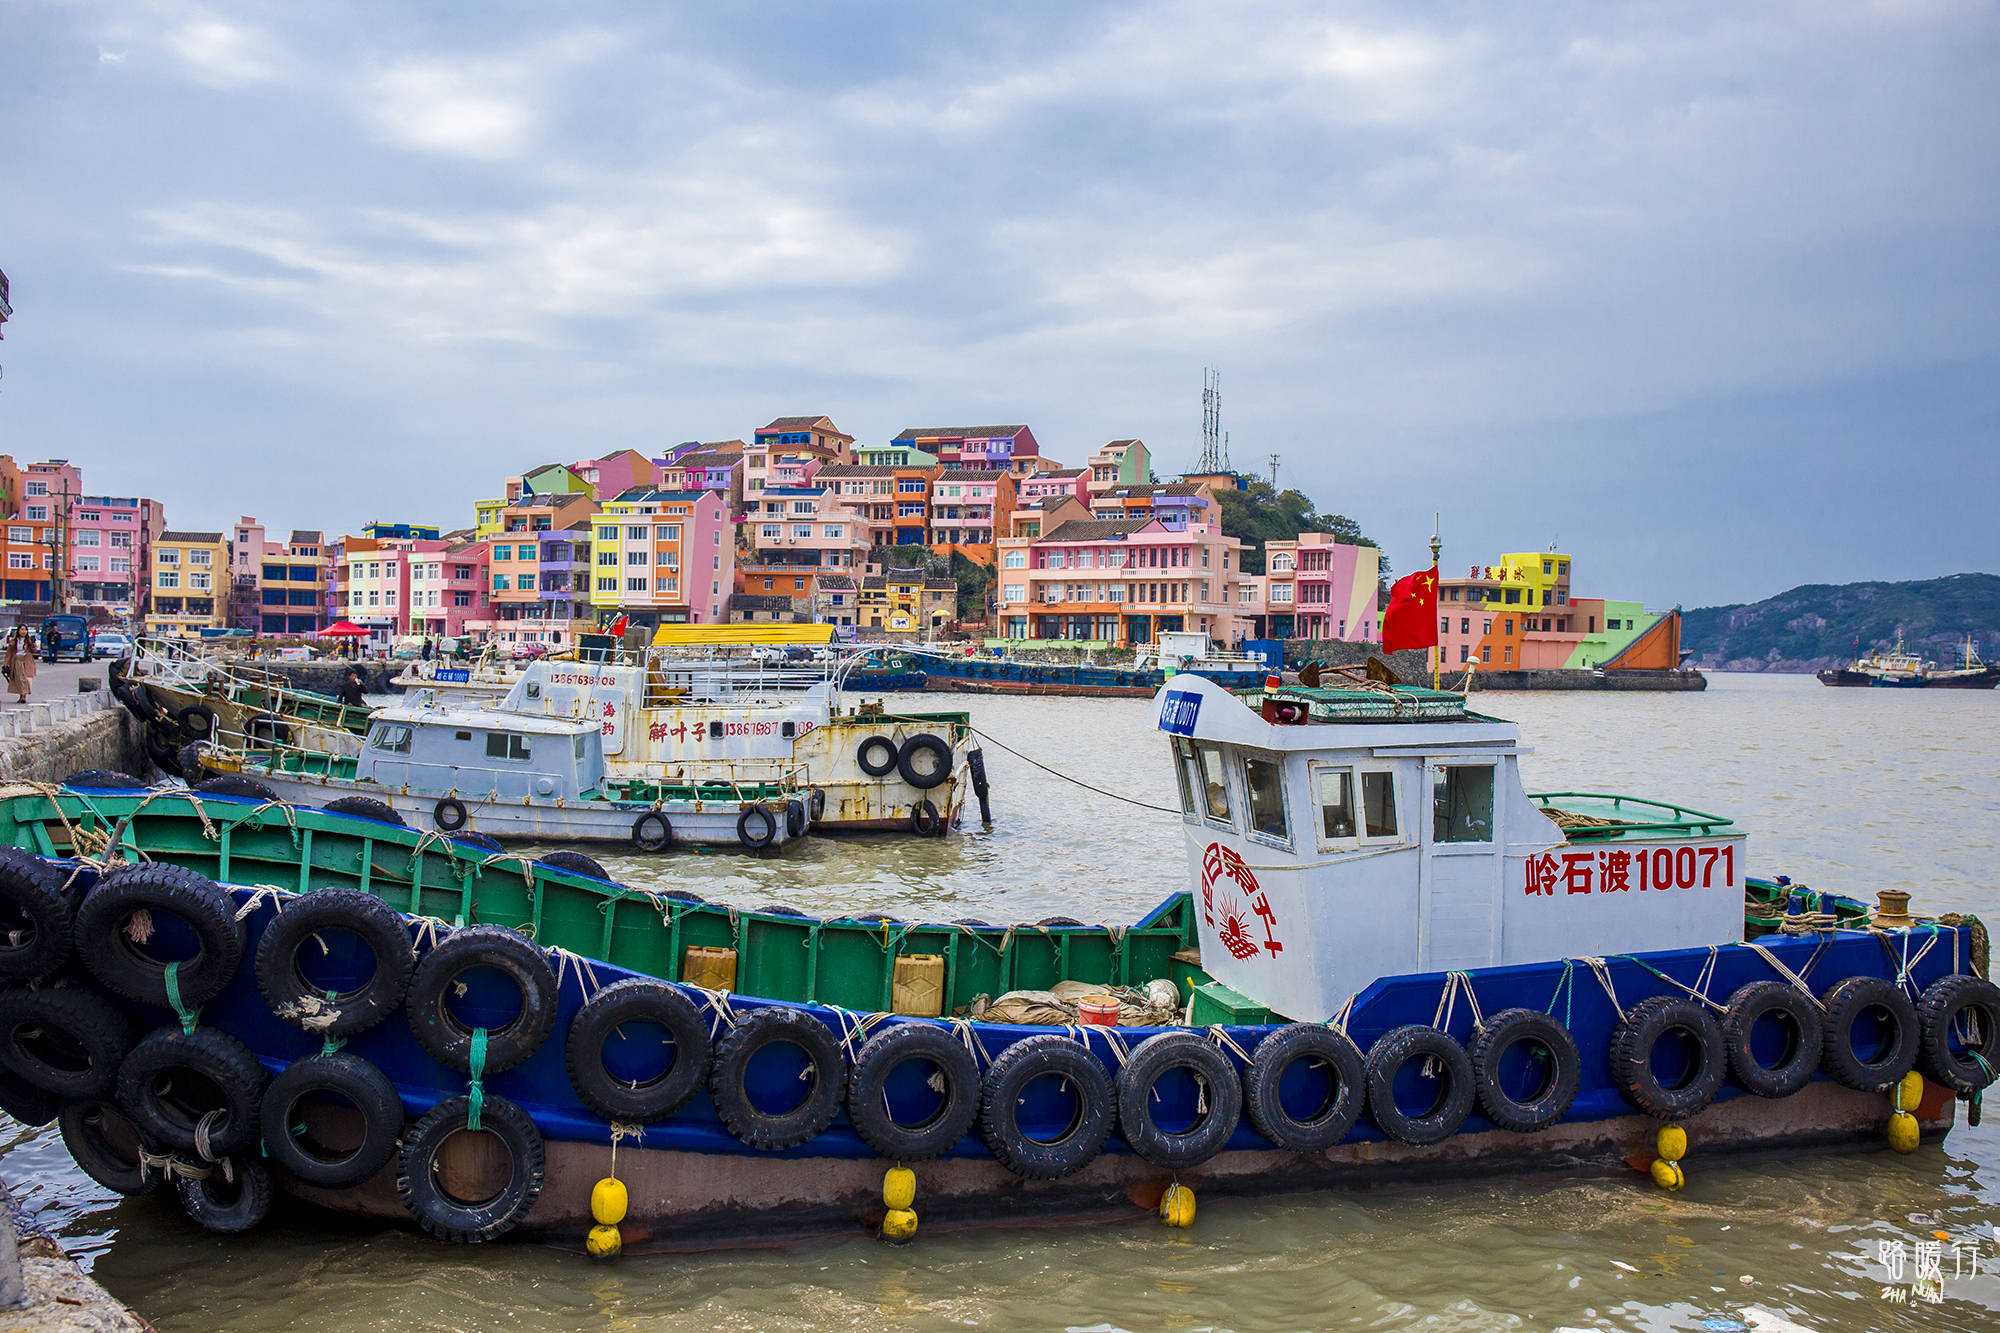 原创             浙江必去的两个网红地,一个是2.2万㎡的海岛,一个是彩色的渔村